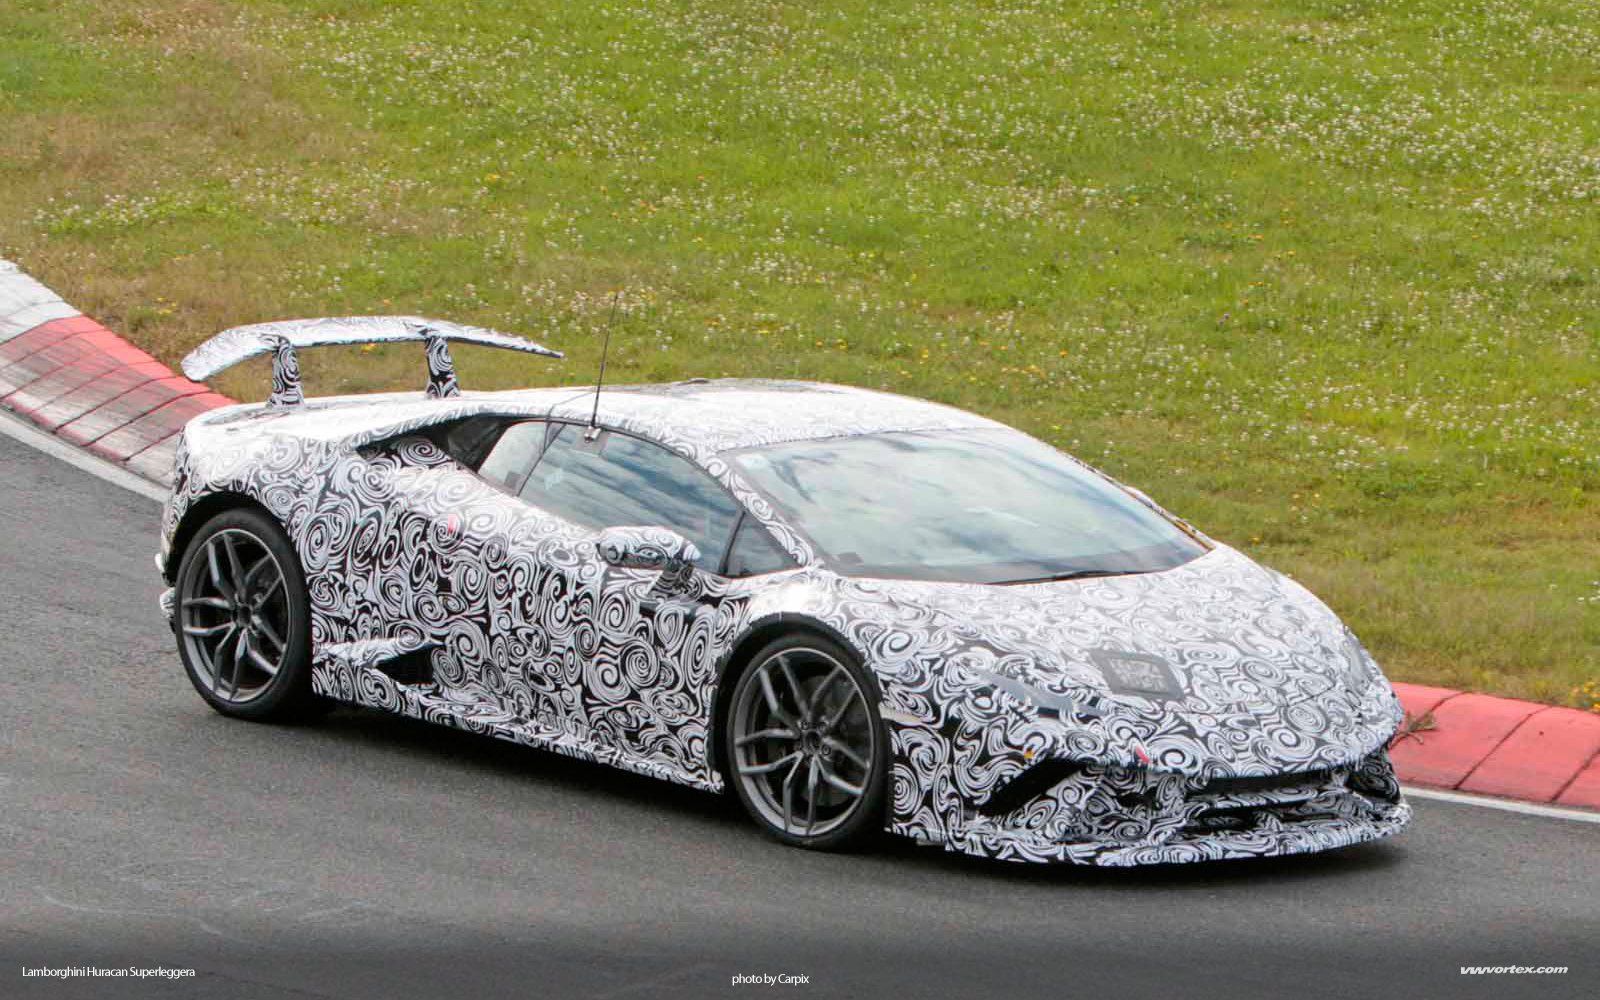 Lamborghini-Huracan-Superleggera-5